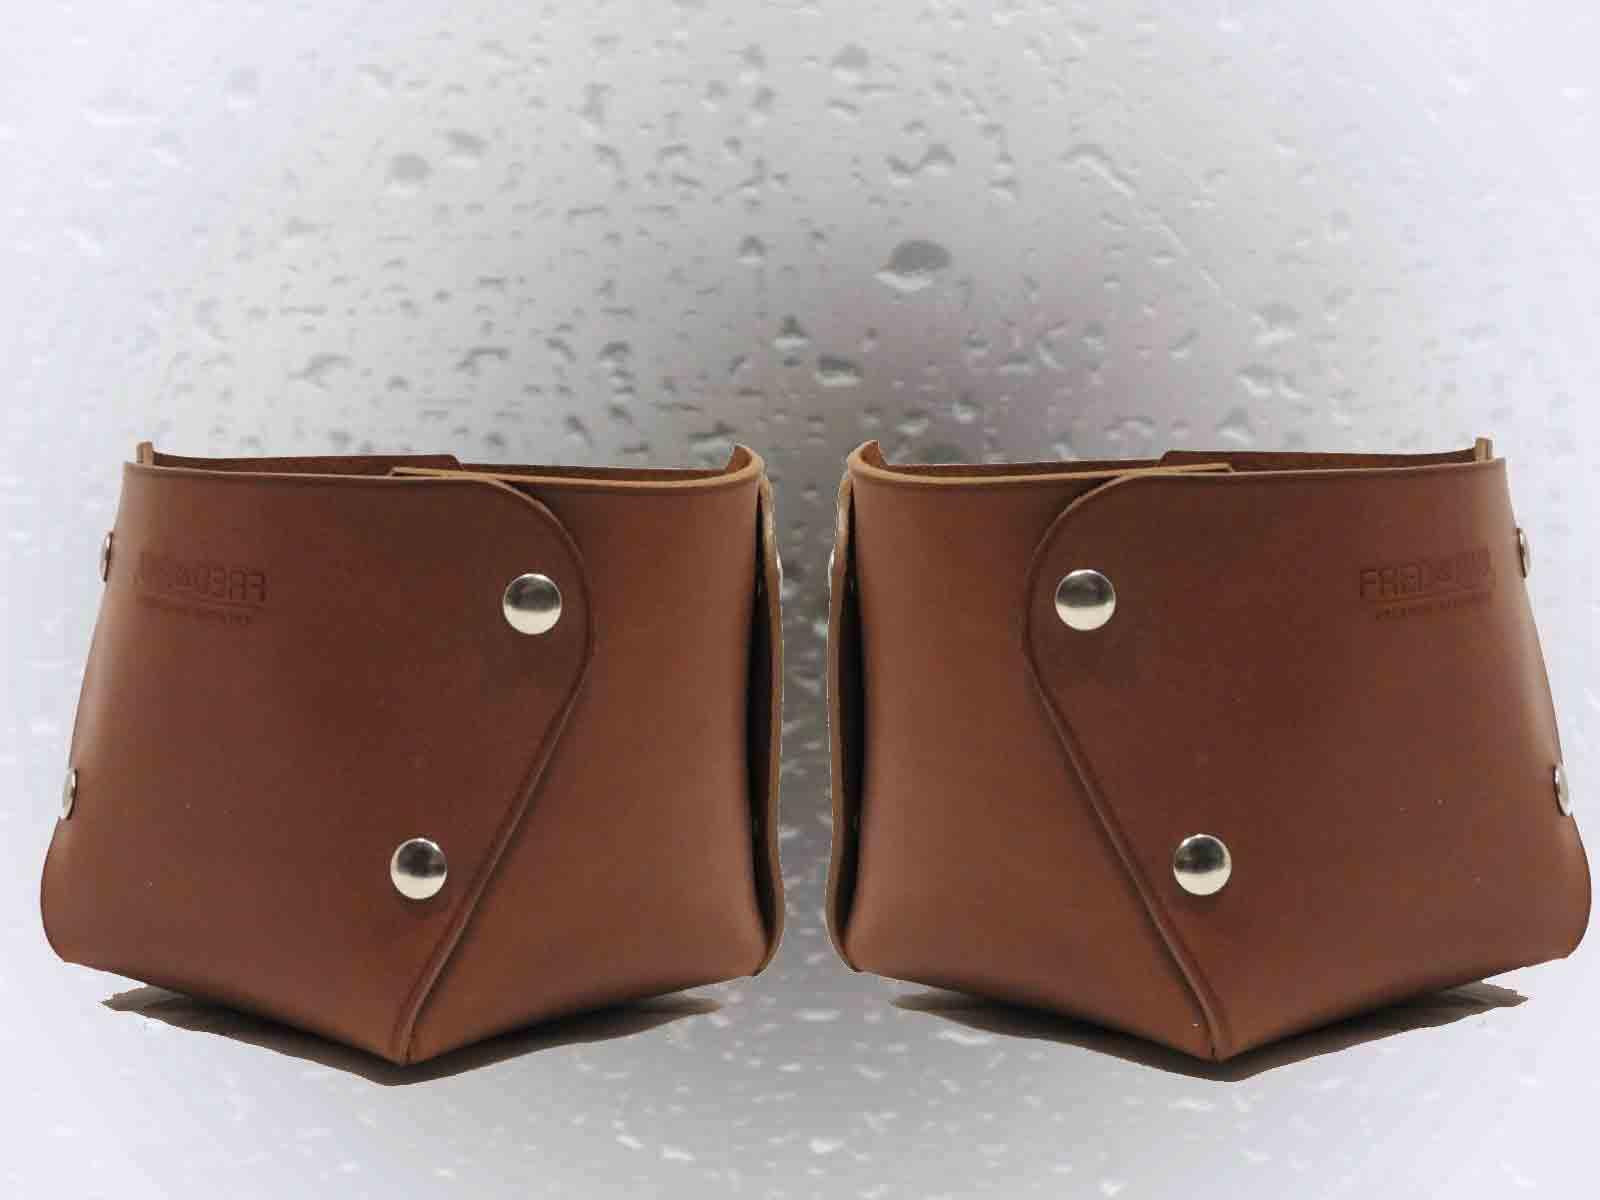 MARTABAN,  vide poches grand modèle en cuir de veau lisse cacao